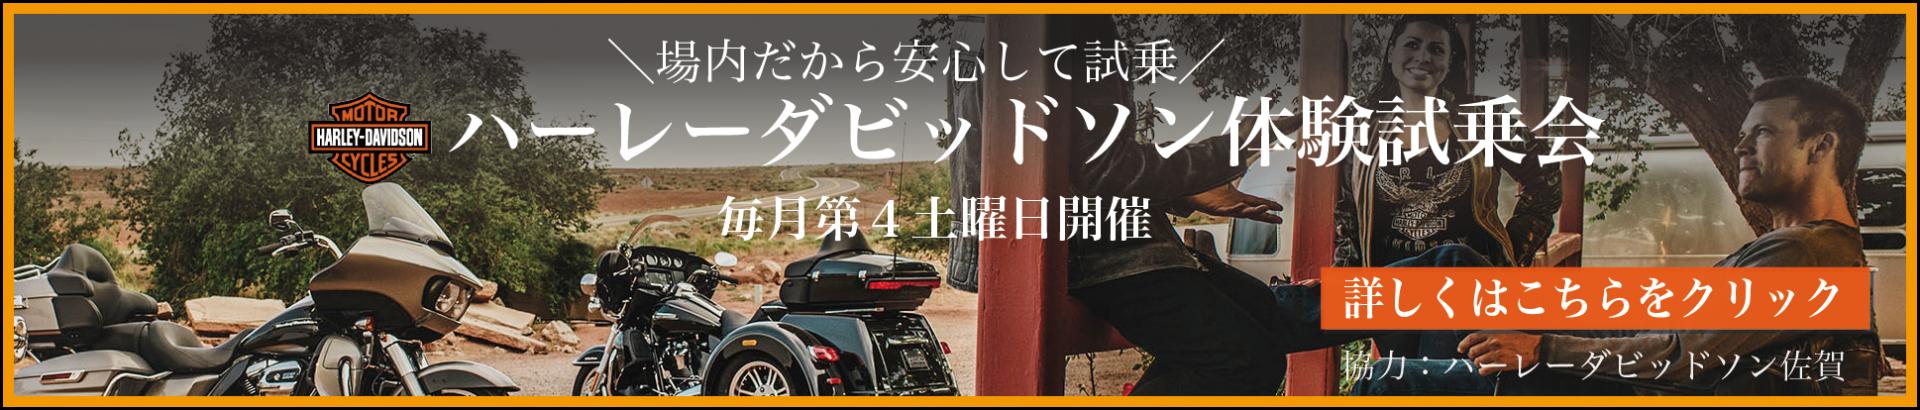 ハーレーダビットソン体験試乗会バナー